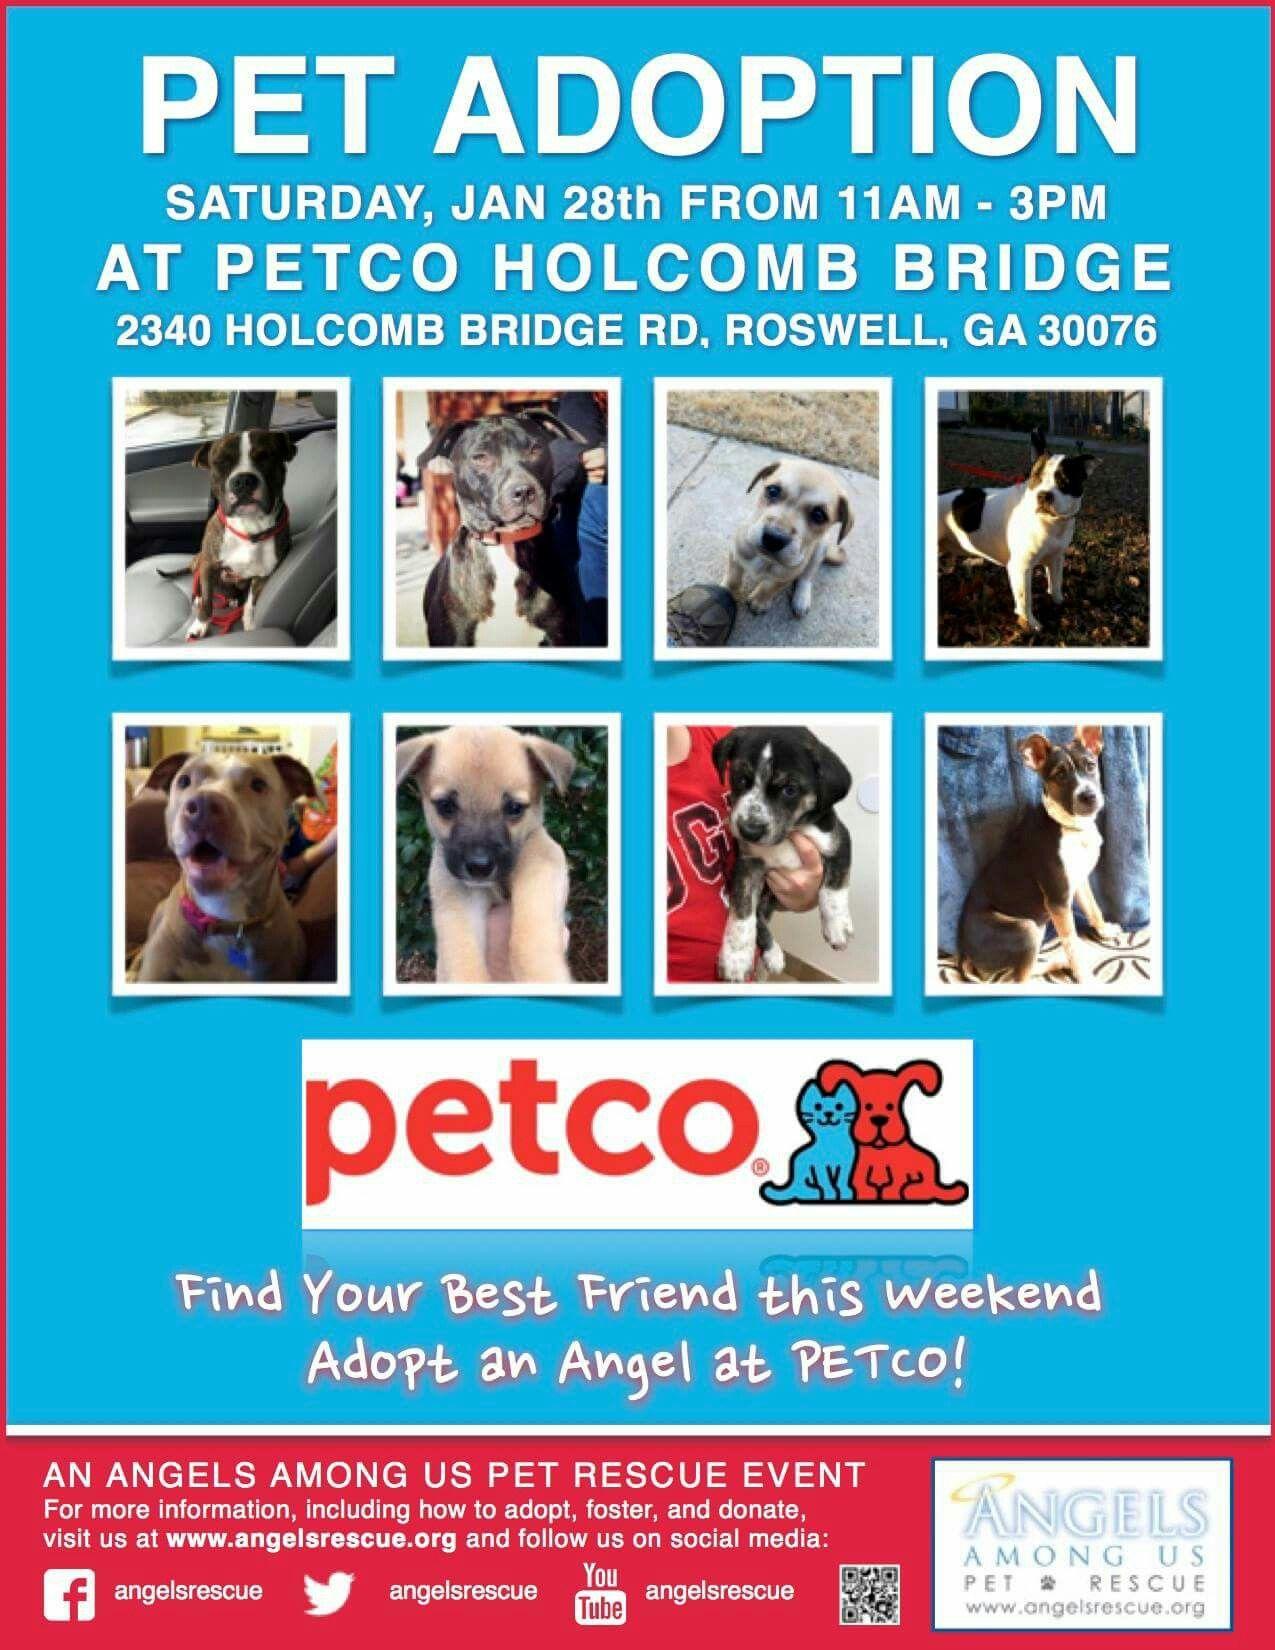 Adoptions This Saturday At Petco Holcomb Bridge Petco Dog Adoption Pet Adoption